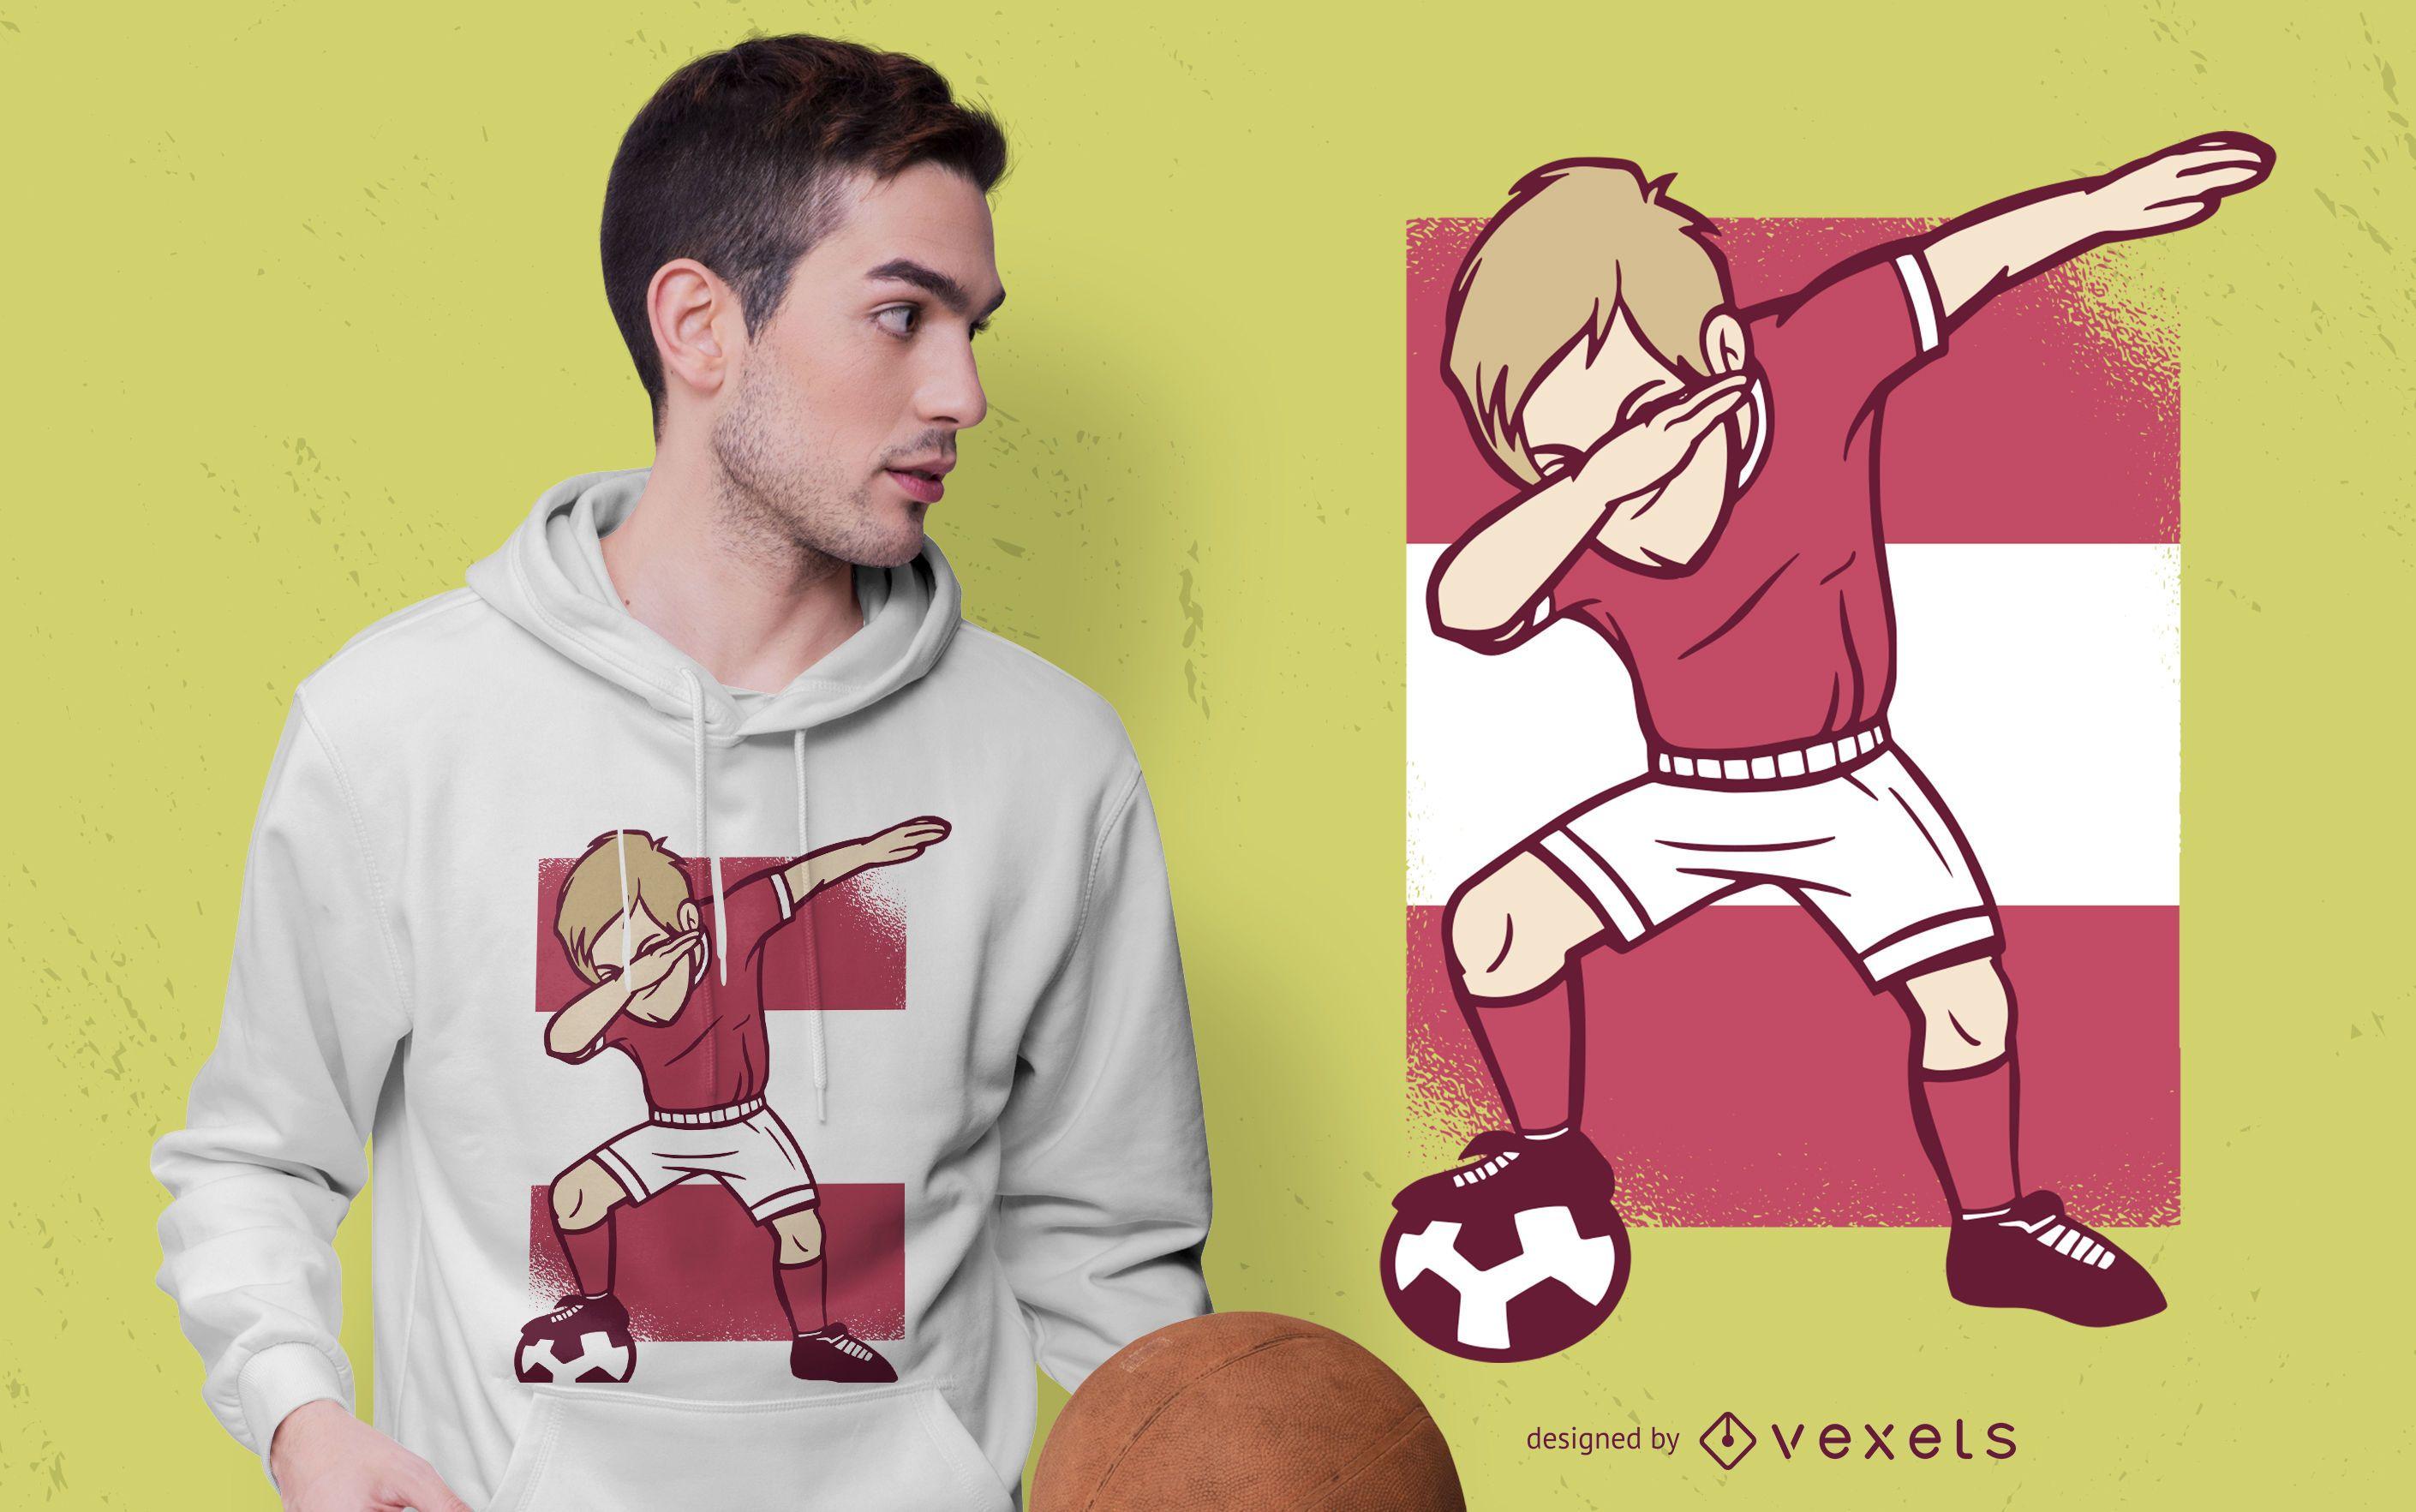 Diseño de camiseta de jugador de fútbol